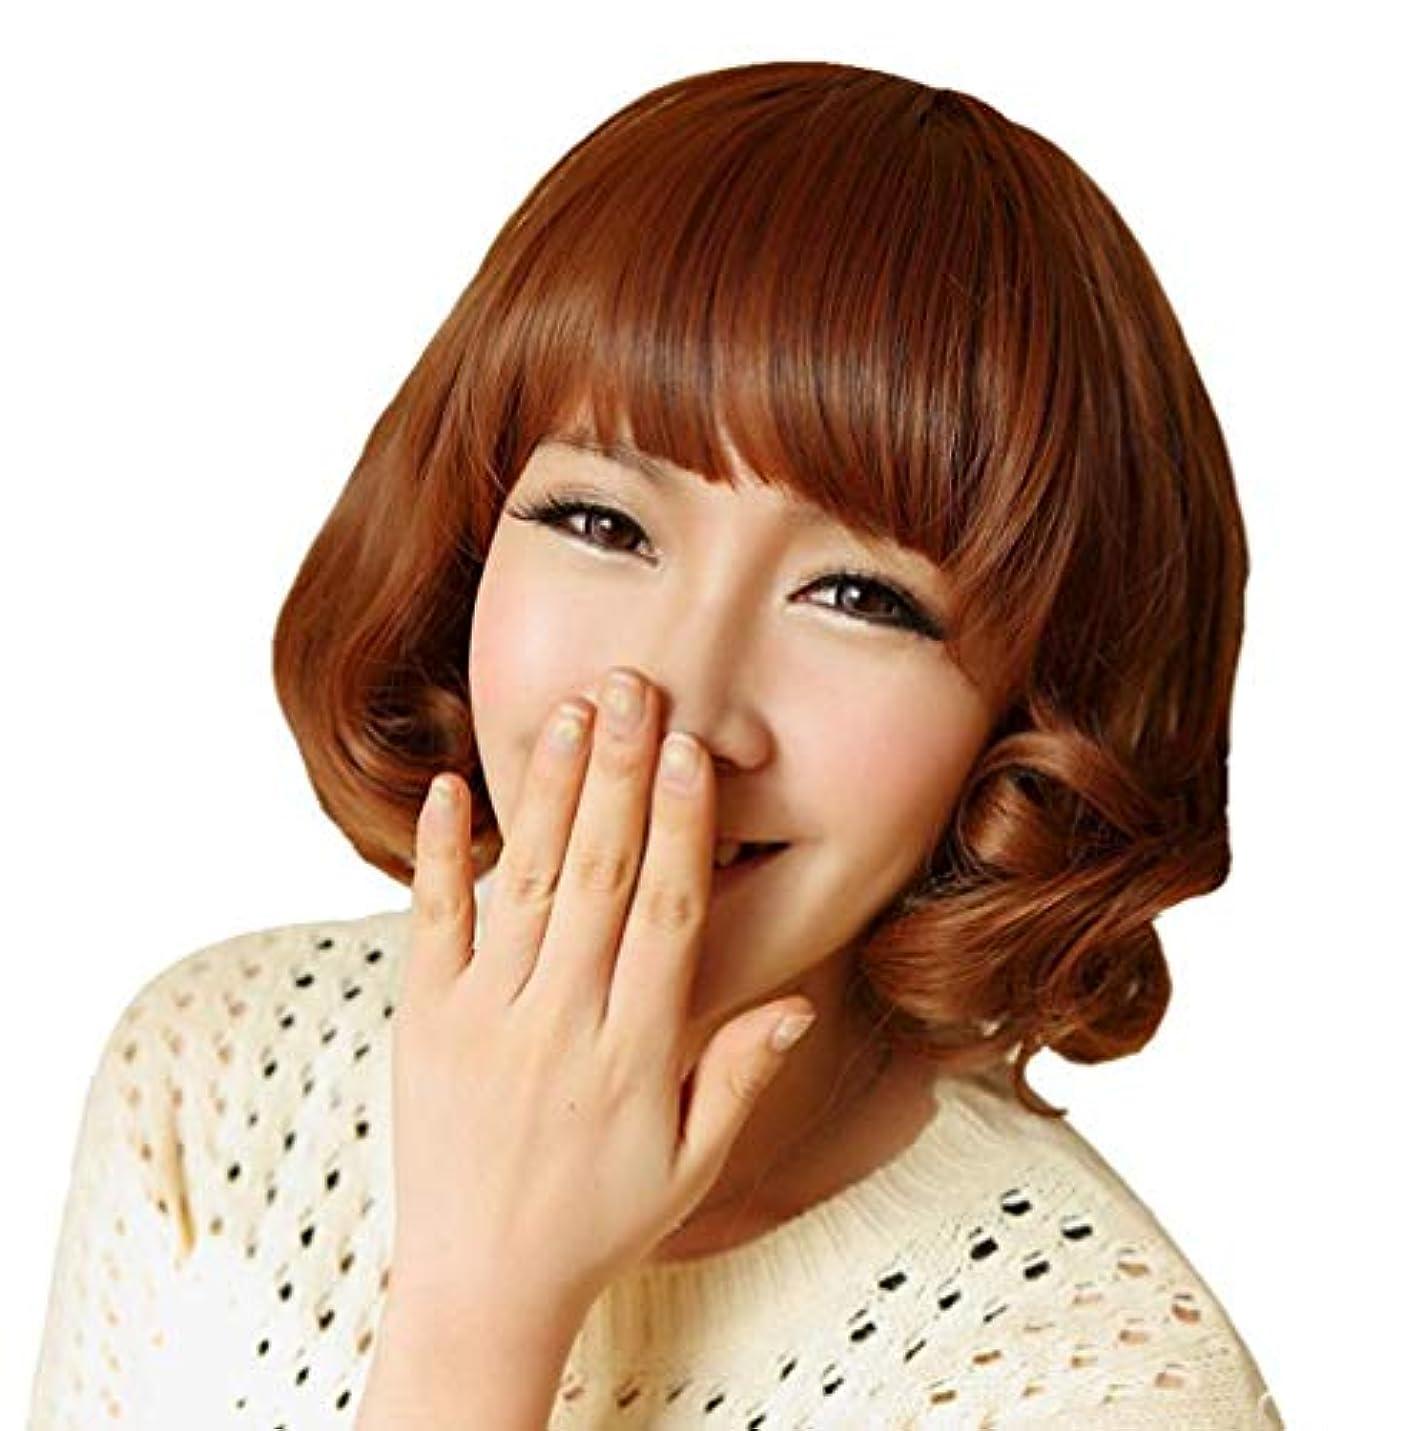 無法者安心させる死すべきかつら女性ショートヘアボボヘッド空気前髪現実的な髪型 LH2206 (画像の色)